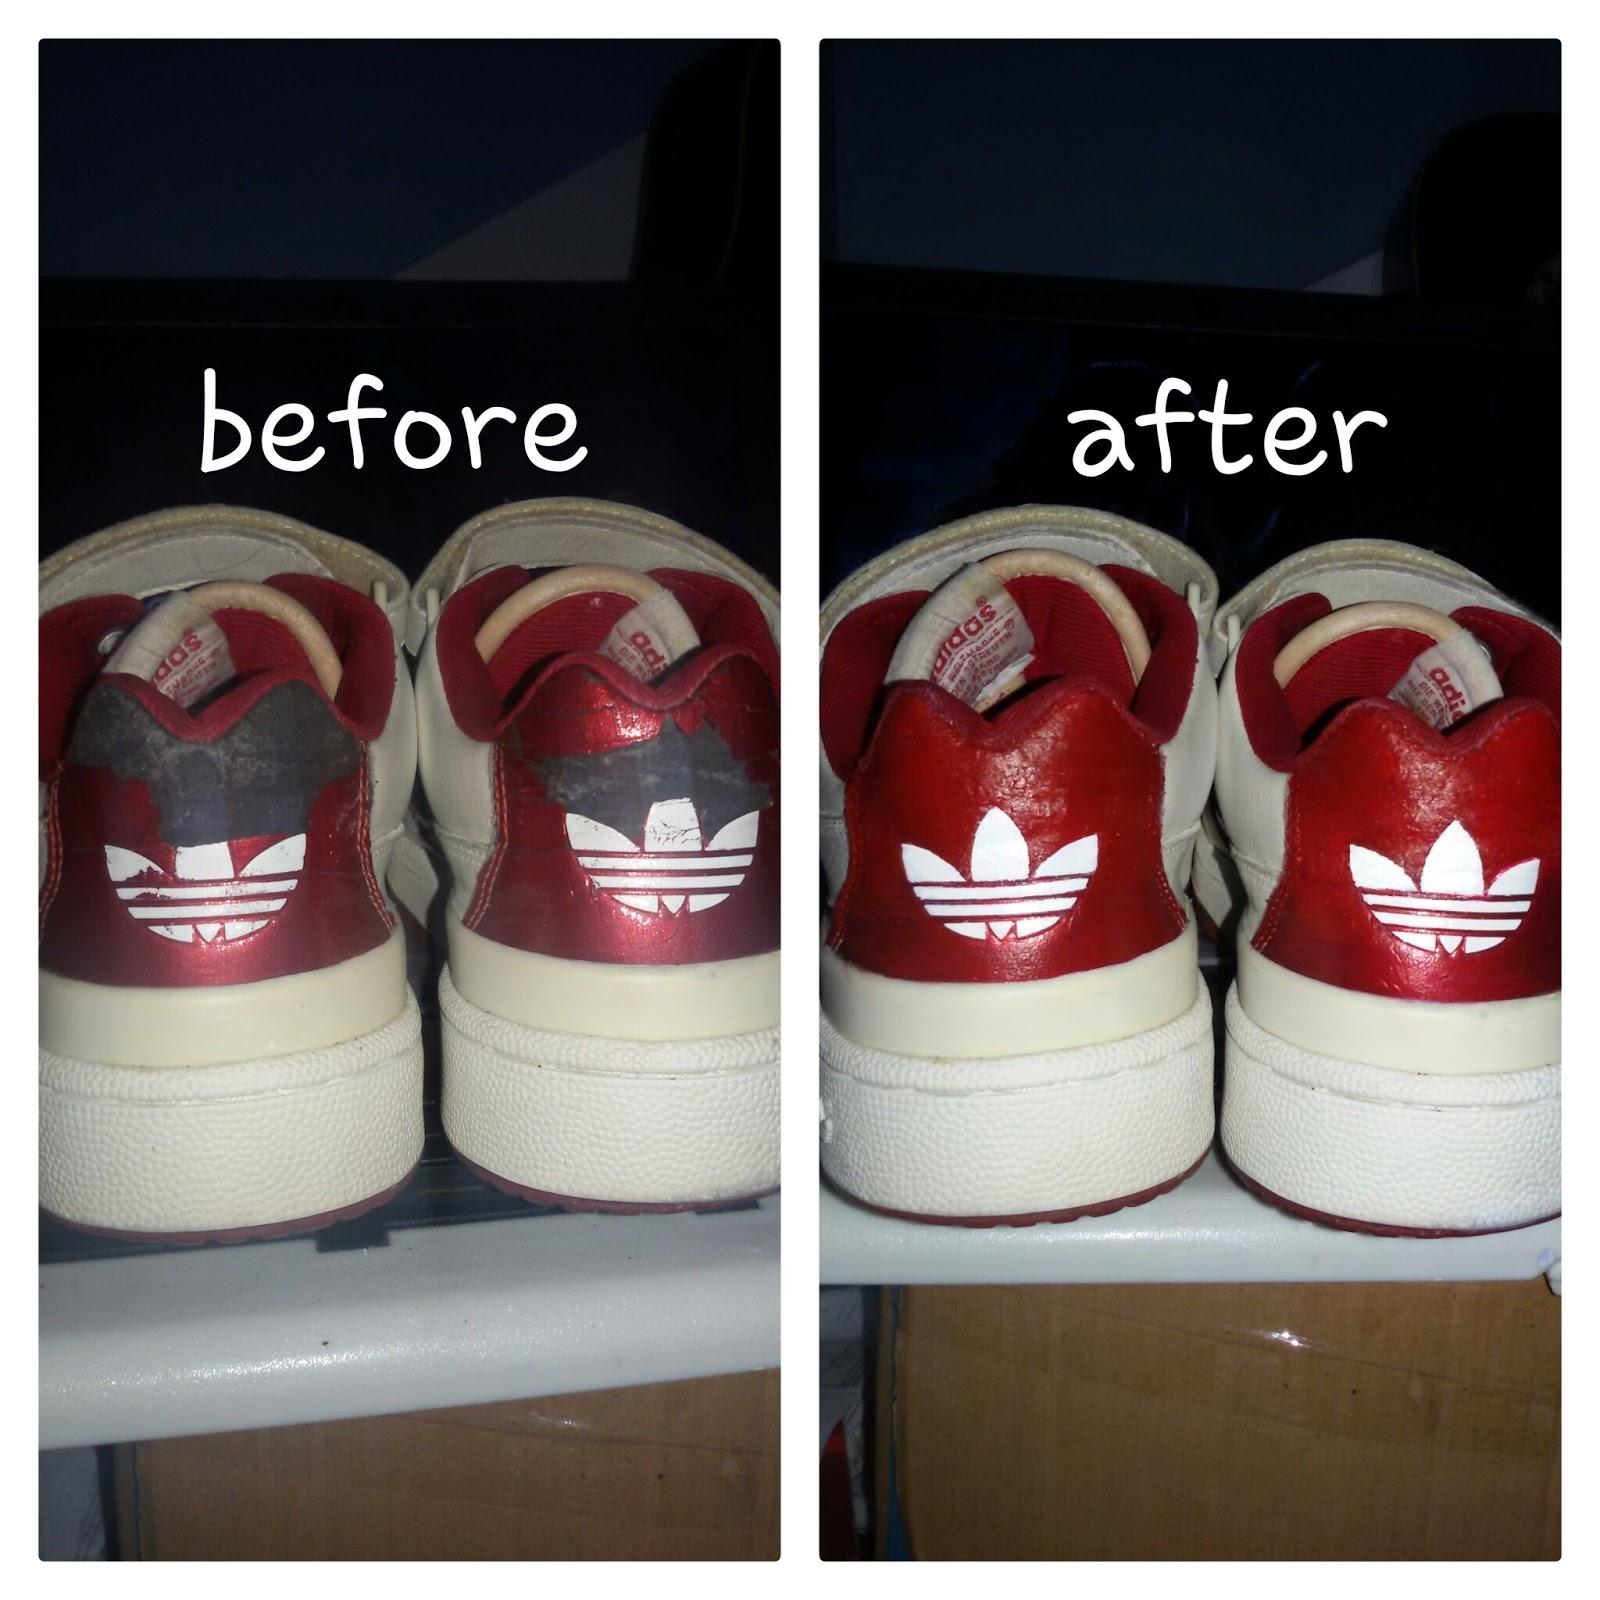 Contoh beberapa tas dan sepatu sesudah dan sebelum di recolor